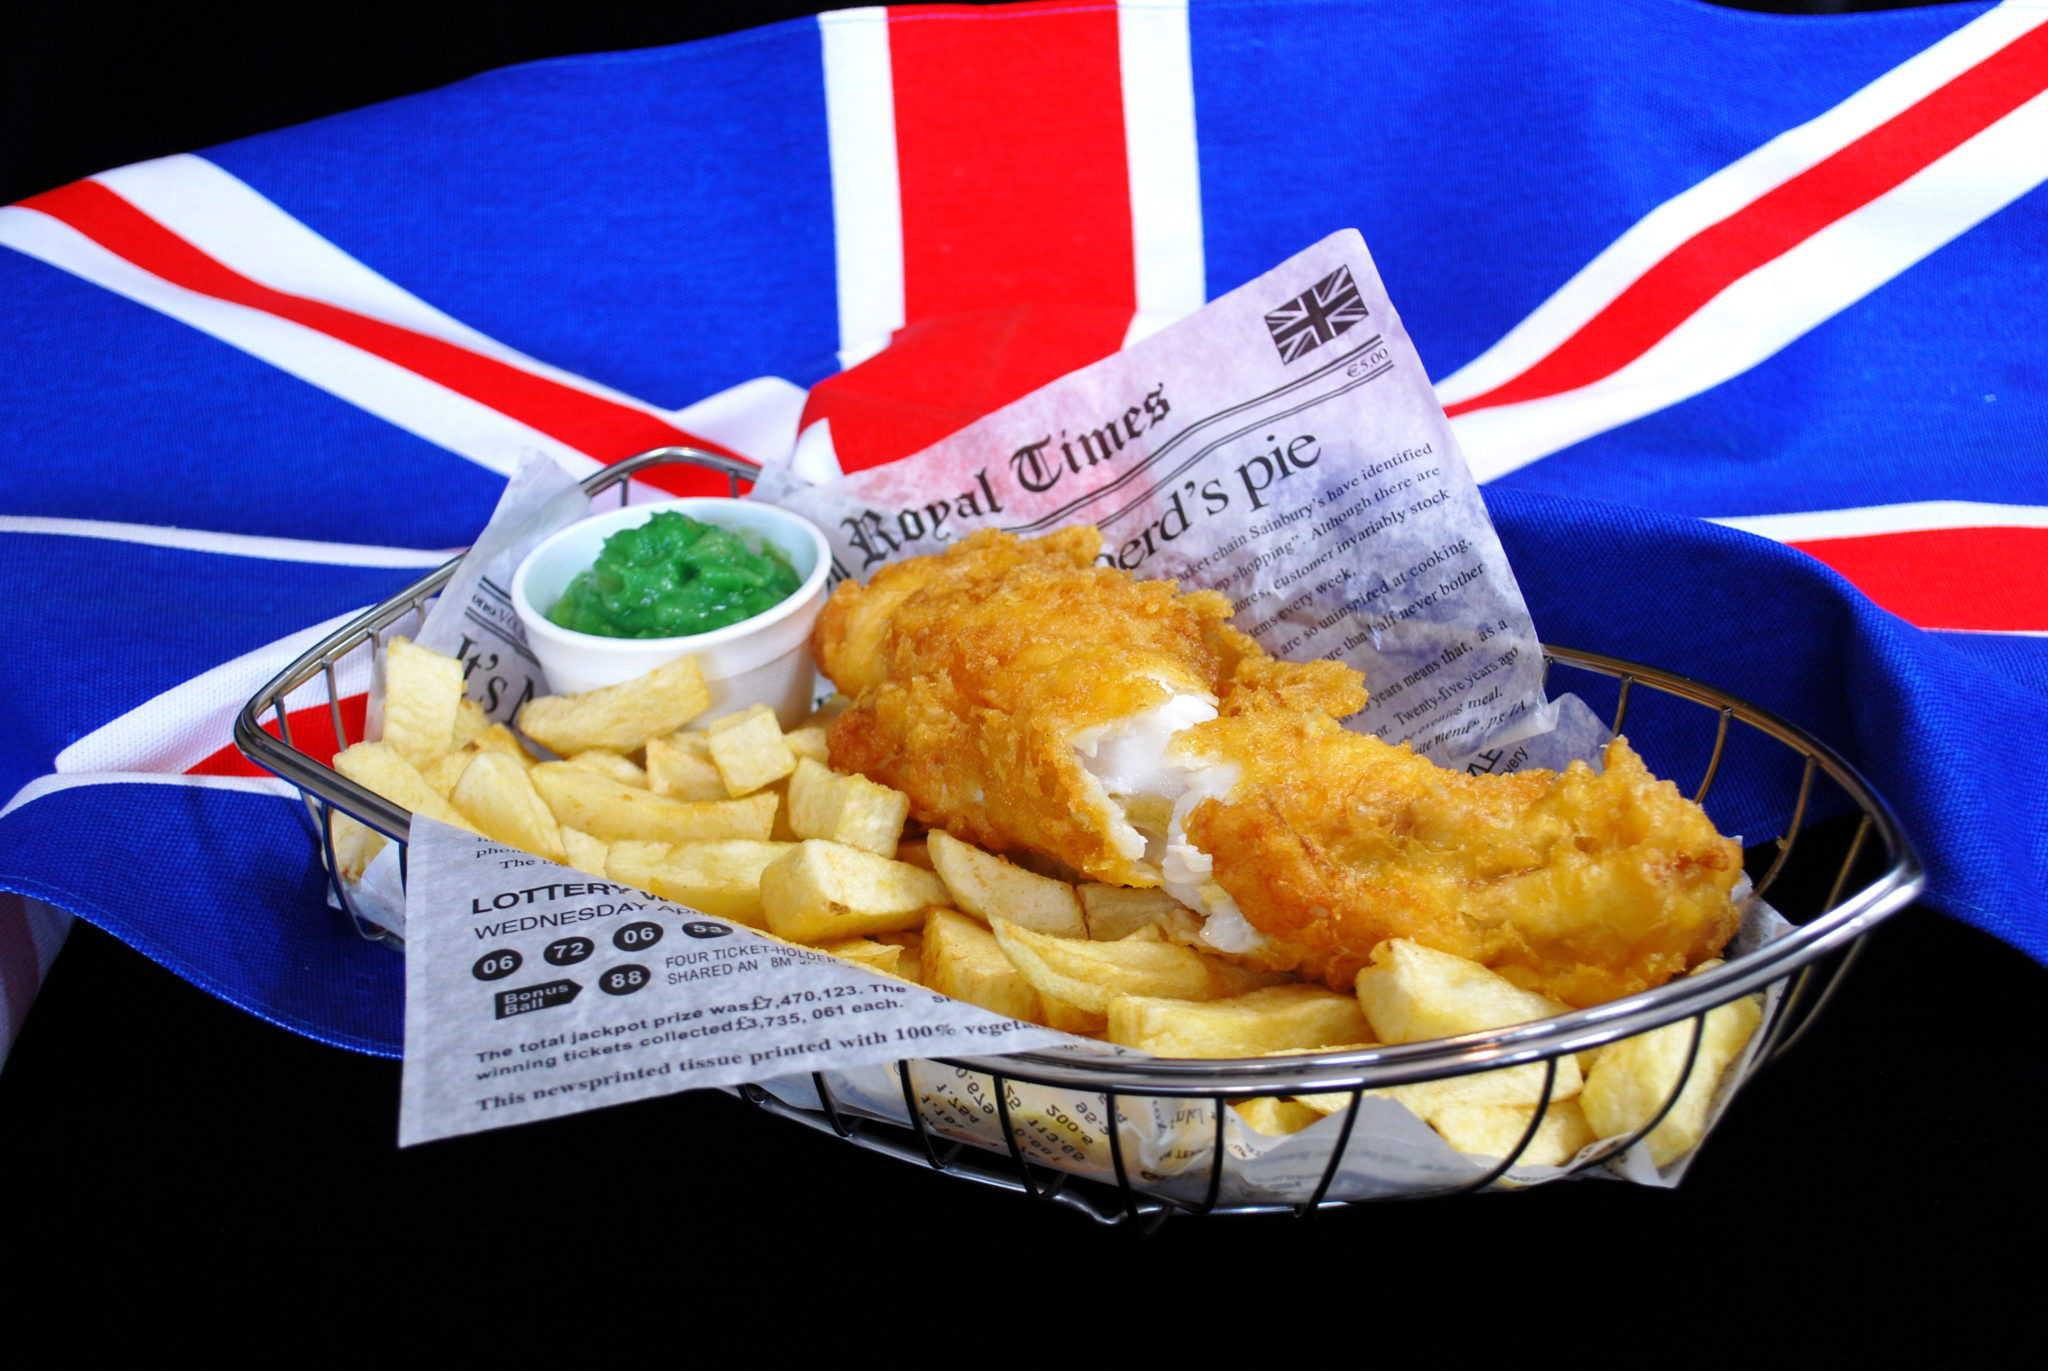 Street food Londra - La guida completa al cibo di strada 2